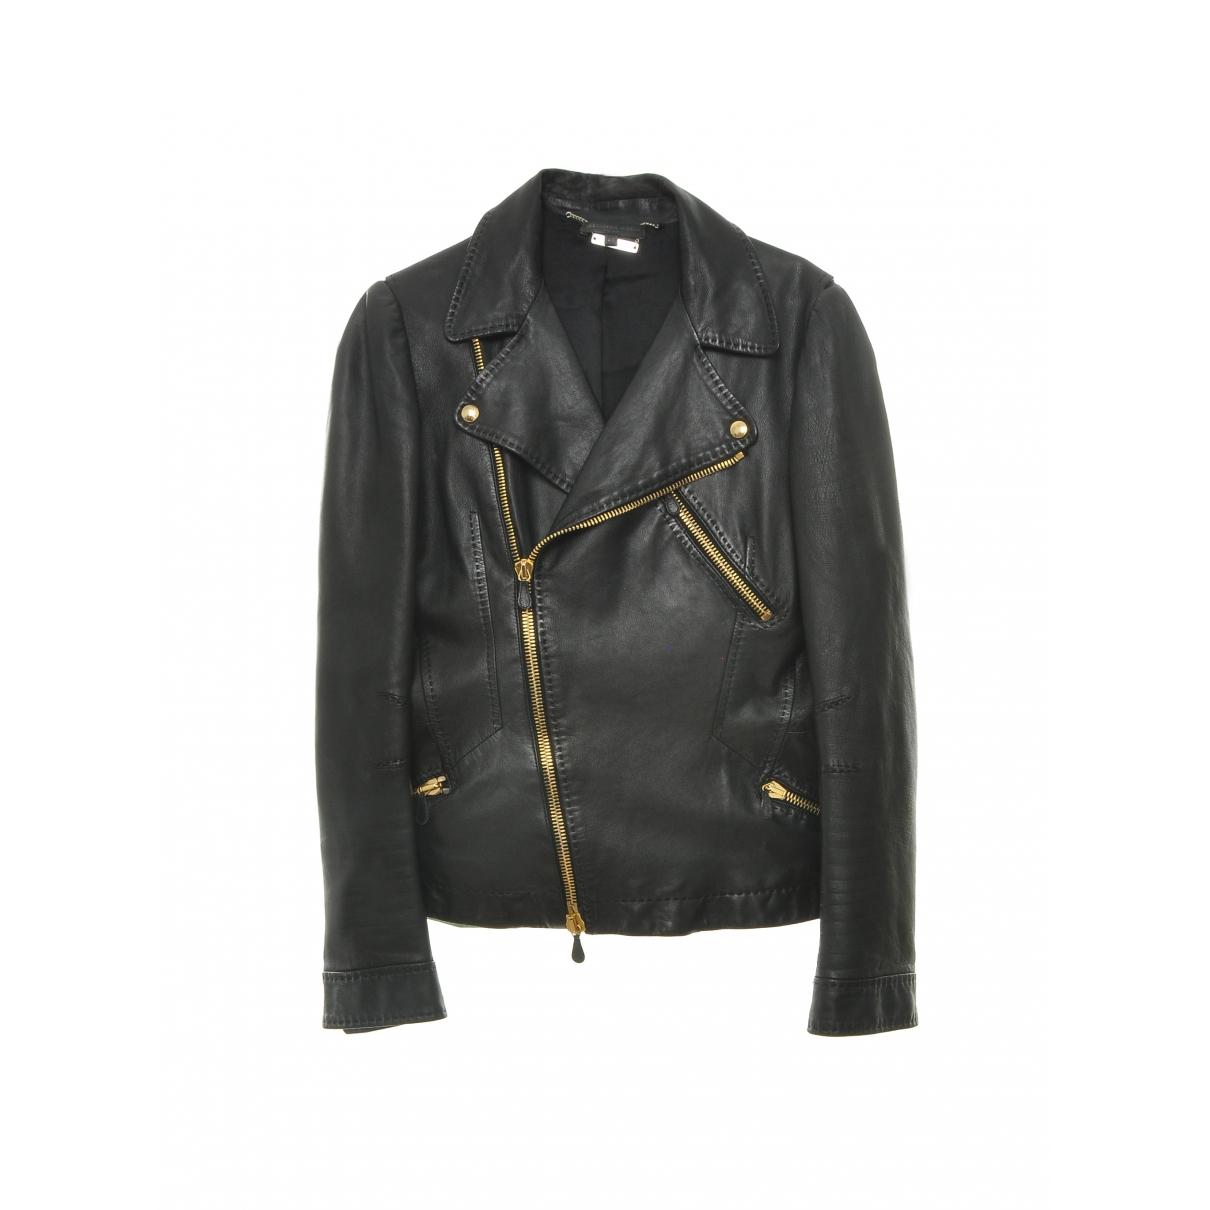 Alexander Mcqueen \N Black Leather jacket for Women 40 IT